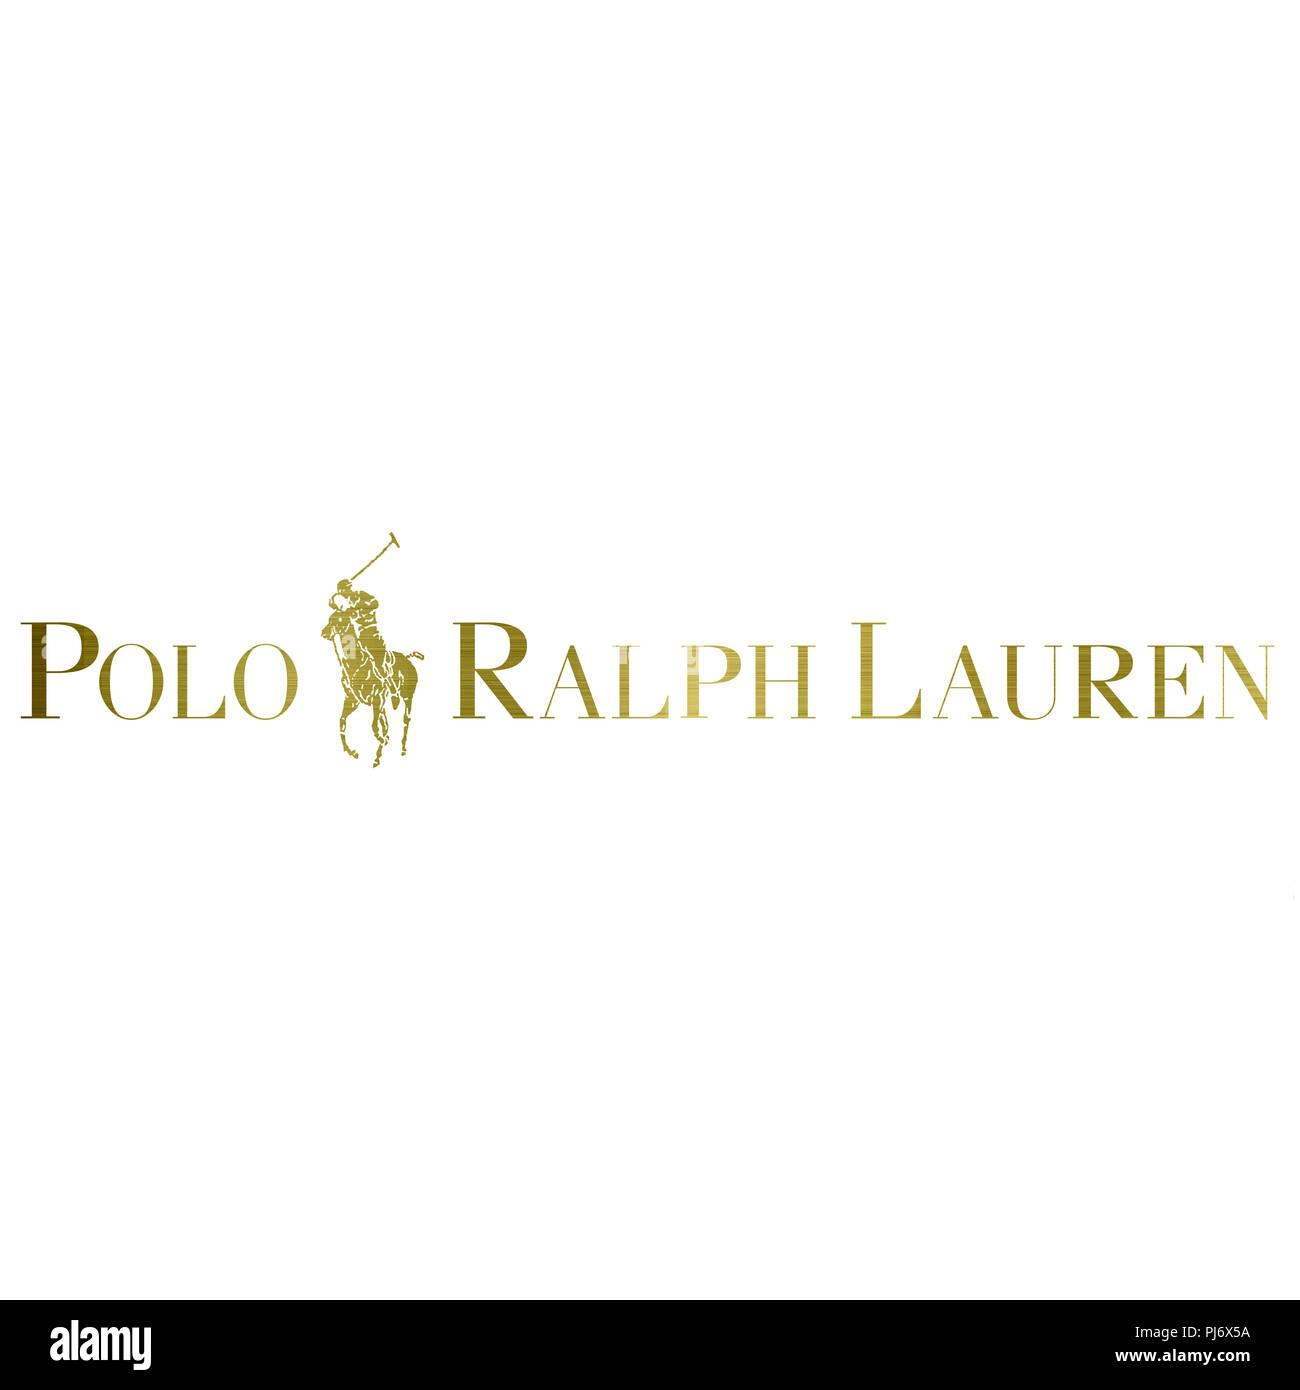 96a38b0058d9f2 Polo Ralph Lauren logo Golden metallische fashion Luxus Marke Kleidung  Abbildung Stockbild